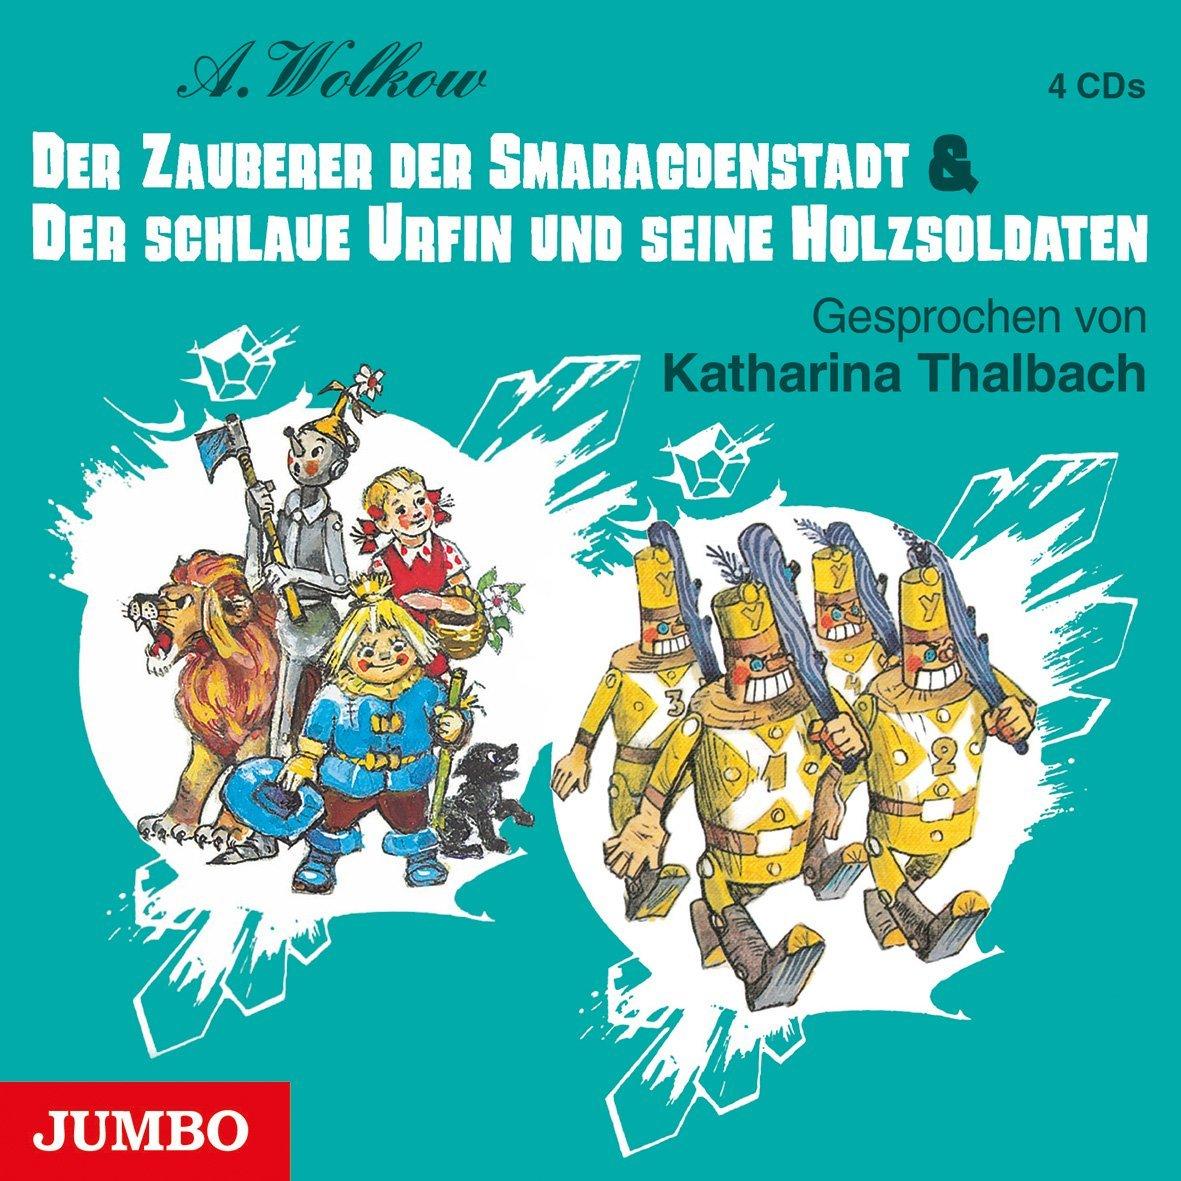 Der Zauberer der Smaragdenstadt & Der schlaue Urfin und seine Holzsoldaten (Alexander Wolkow Märchenreihe)